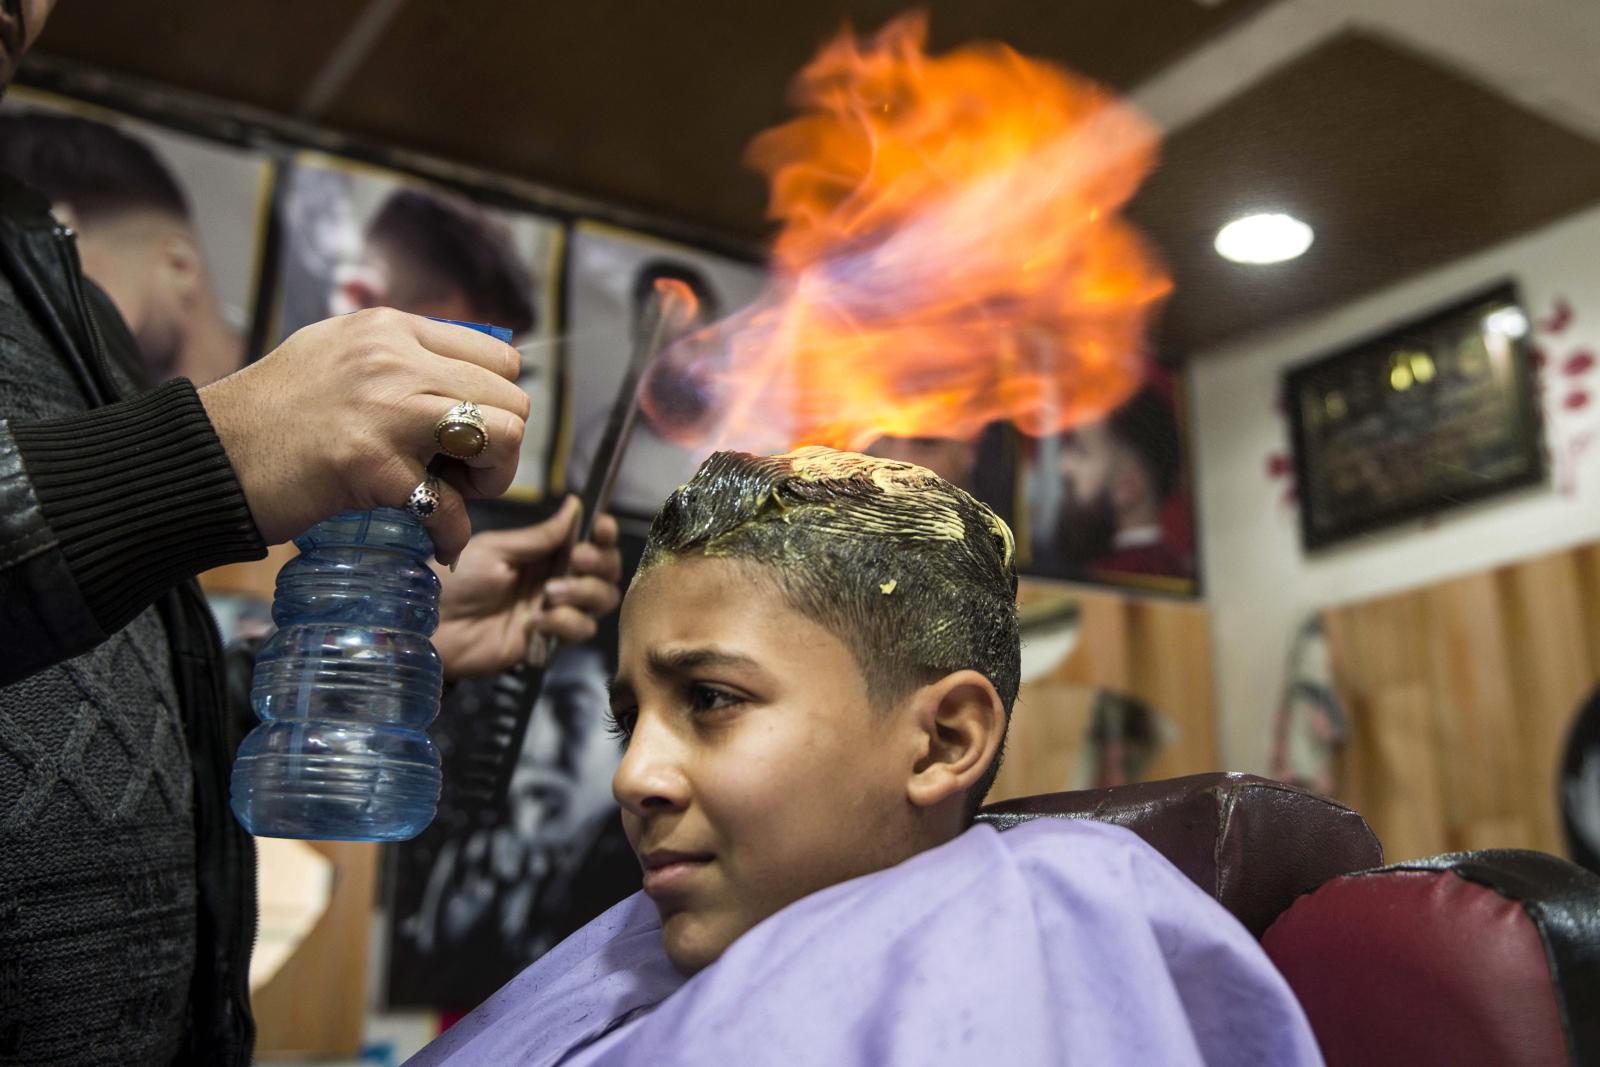 Egipski fryzjer używa ognia do stylizacji włosów. Fot. PAP/EPA/MOHAMED HOSSAM